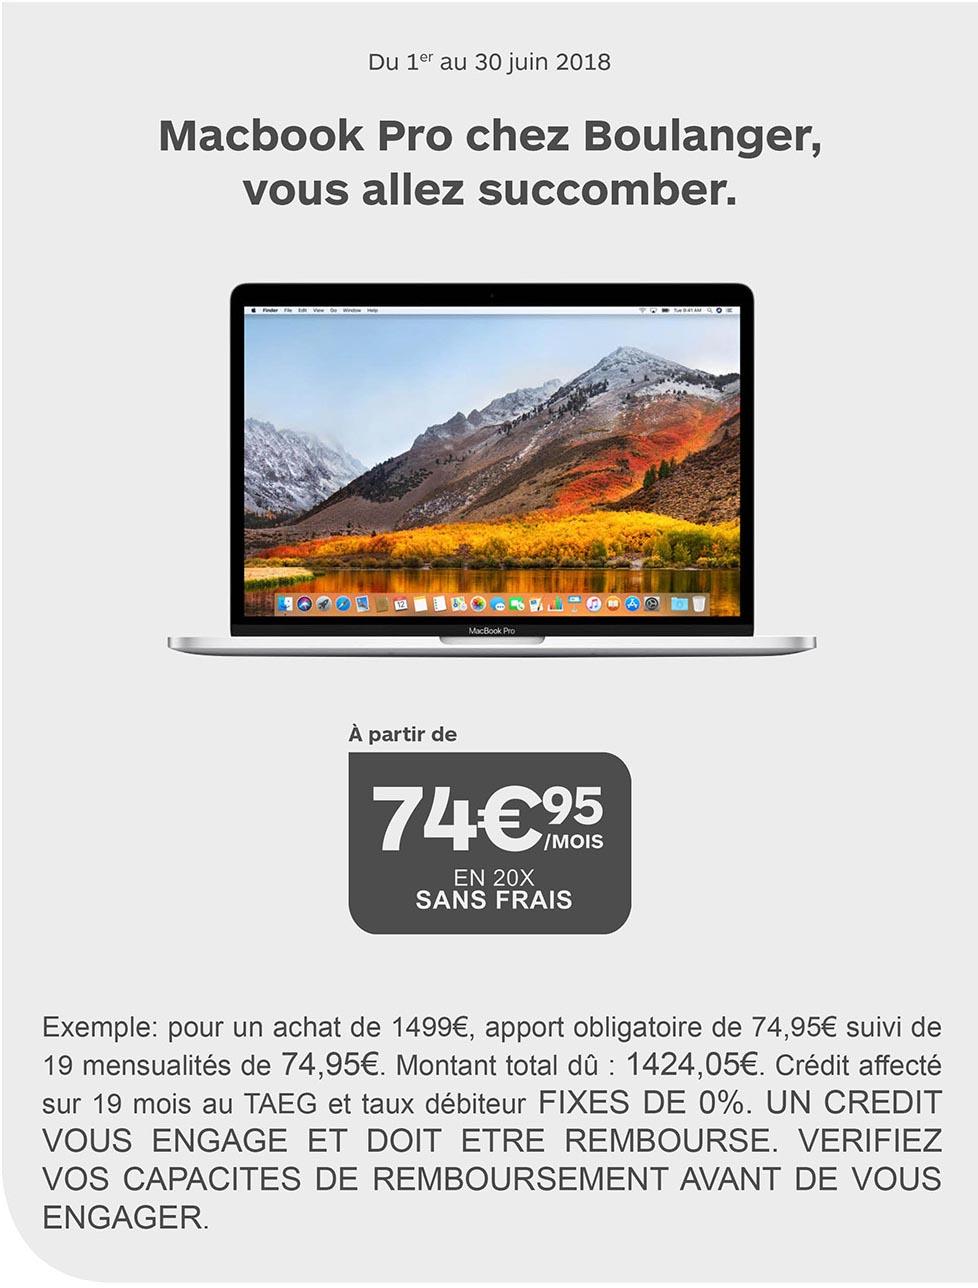 Consomac   Le MacBook Pro en 20 fois sans frais chez Boulanger a237586f442e